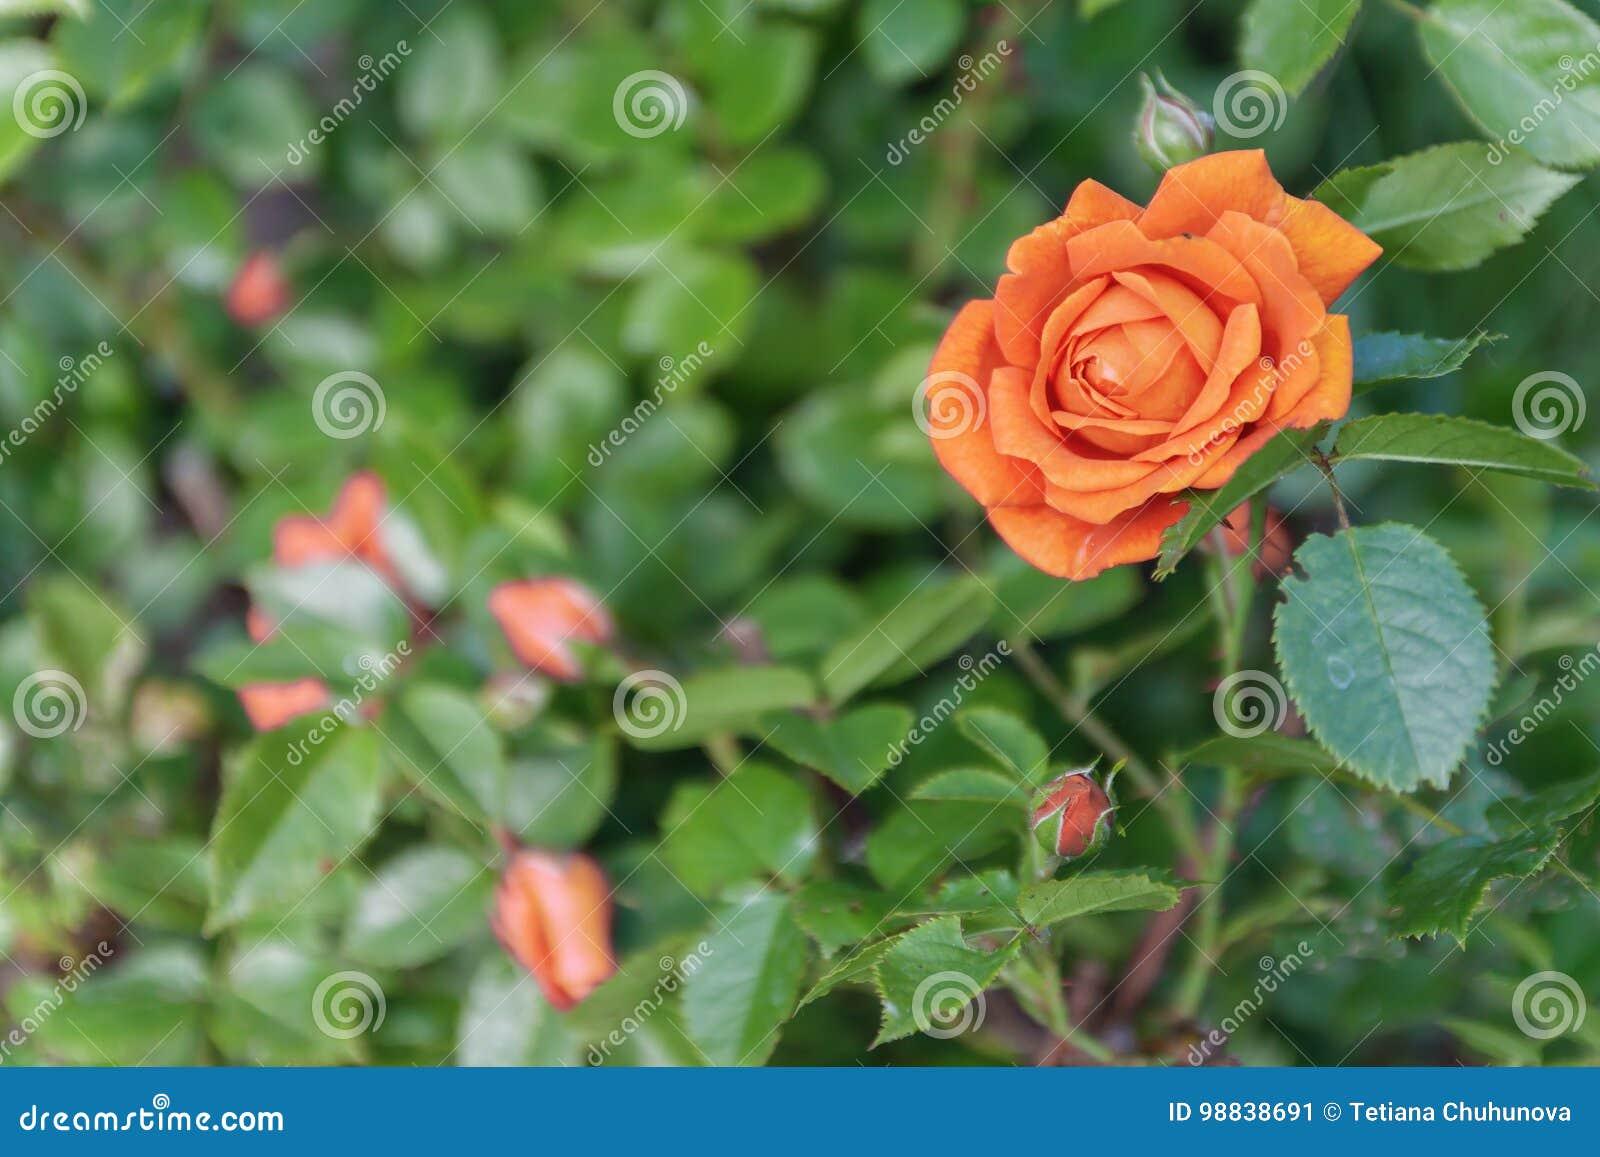 Apelsinros på en buske, bästa sikt